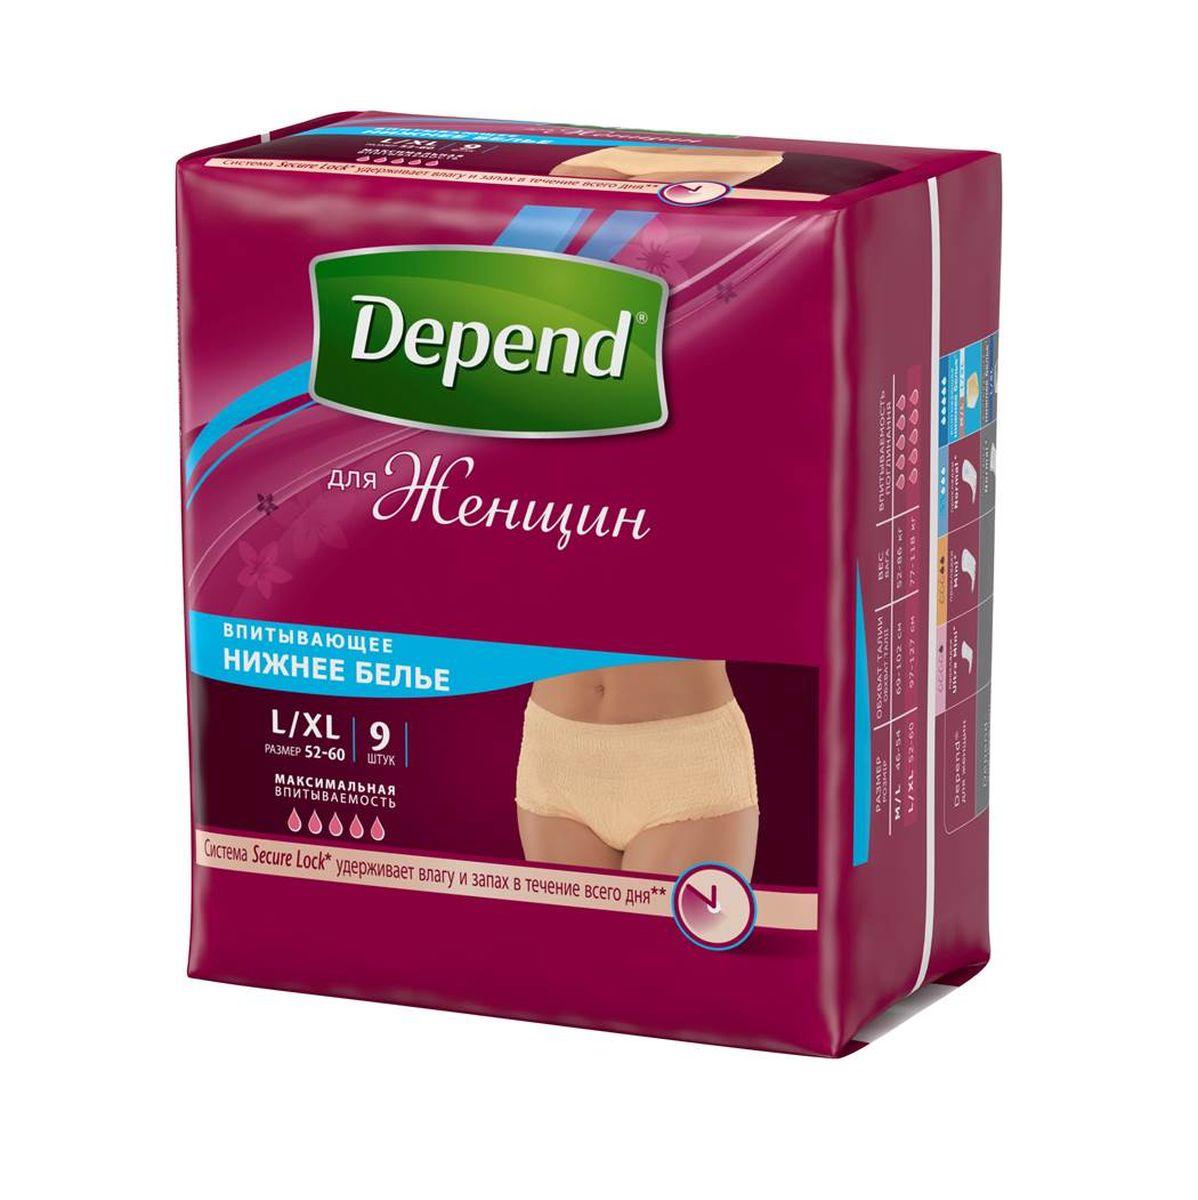 Depend Белье женское впитывающее, L/XL 9